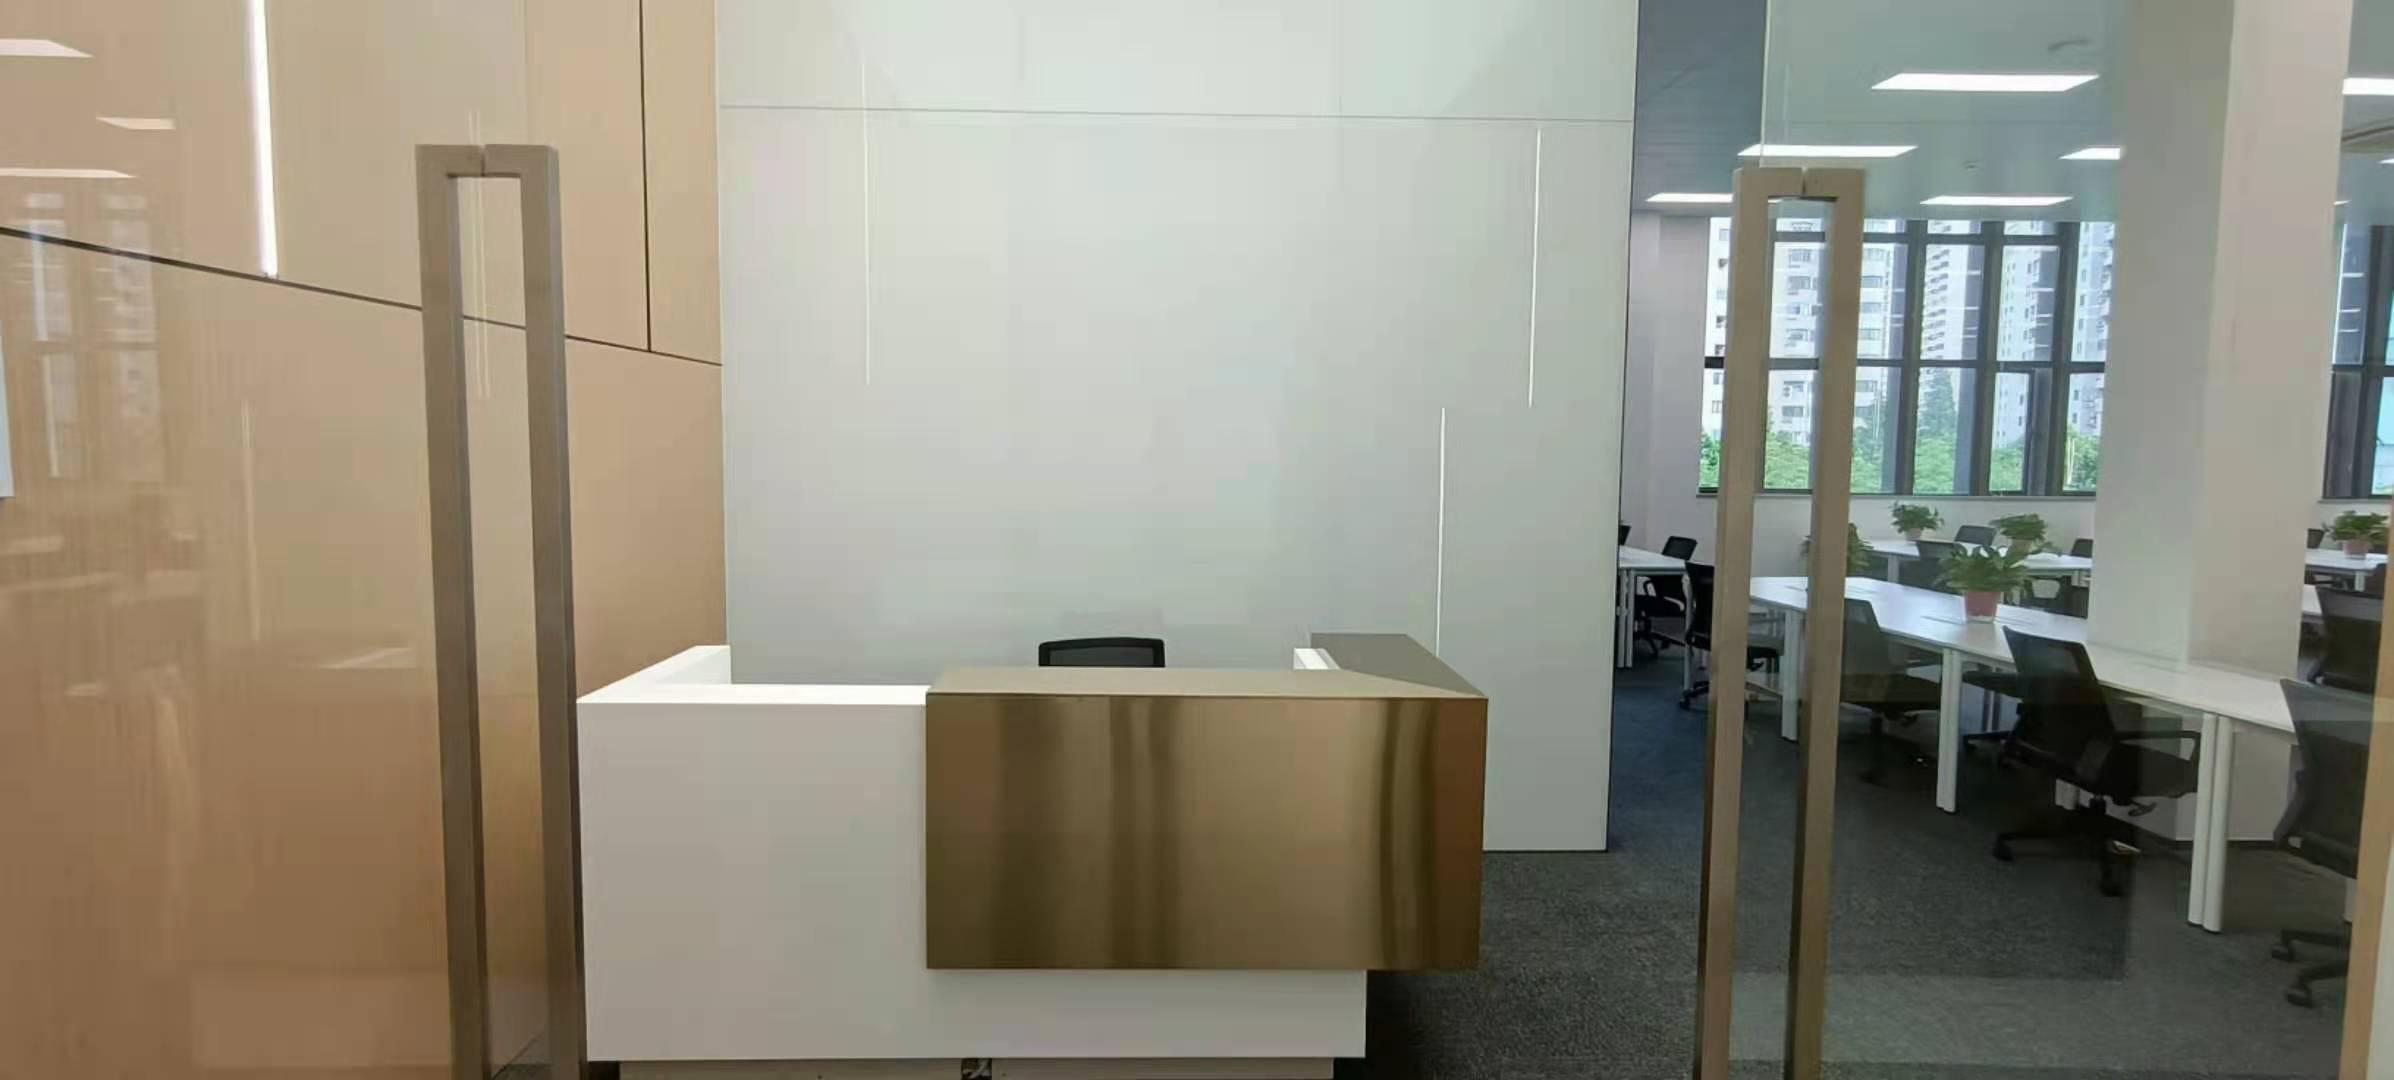 陆家嘴软件园出租490平办公室精装修带家具